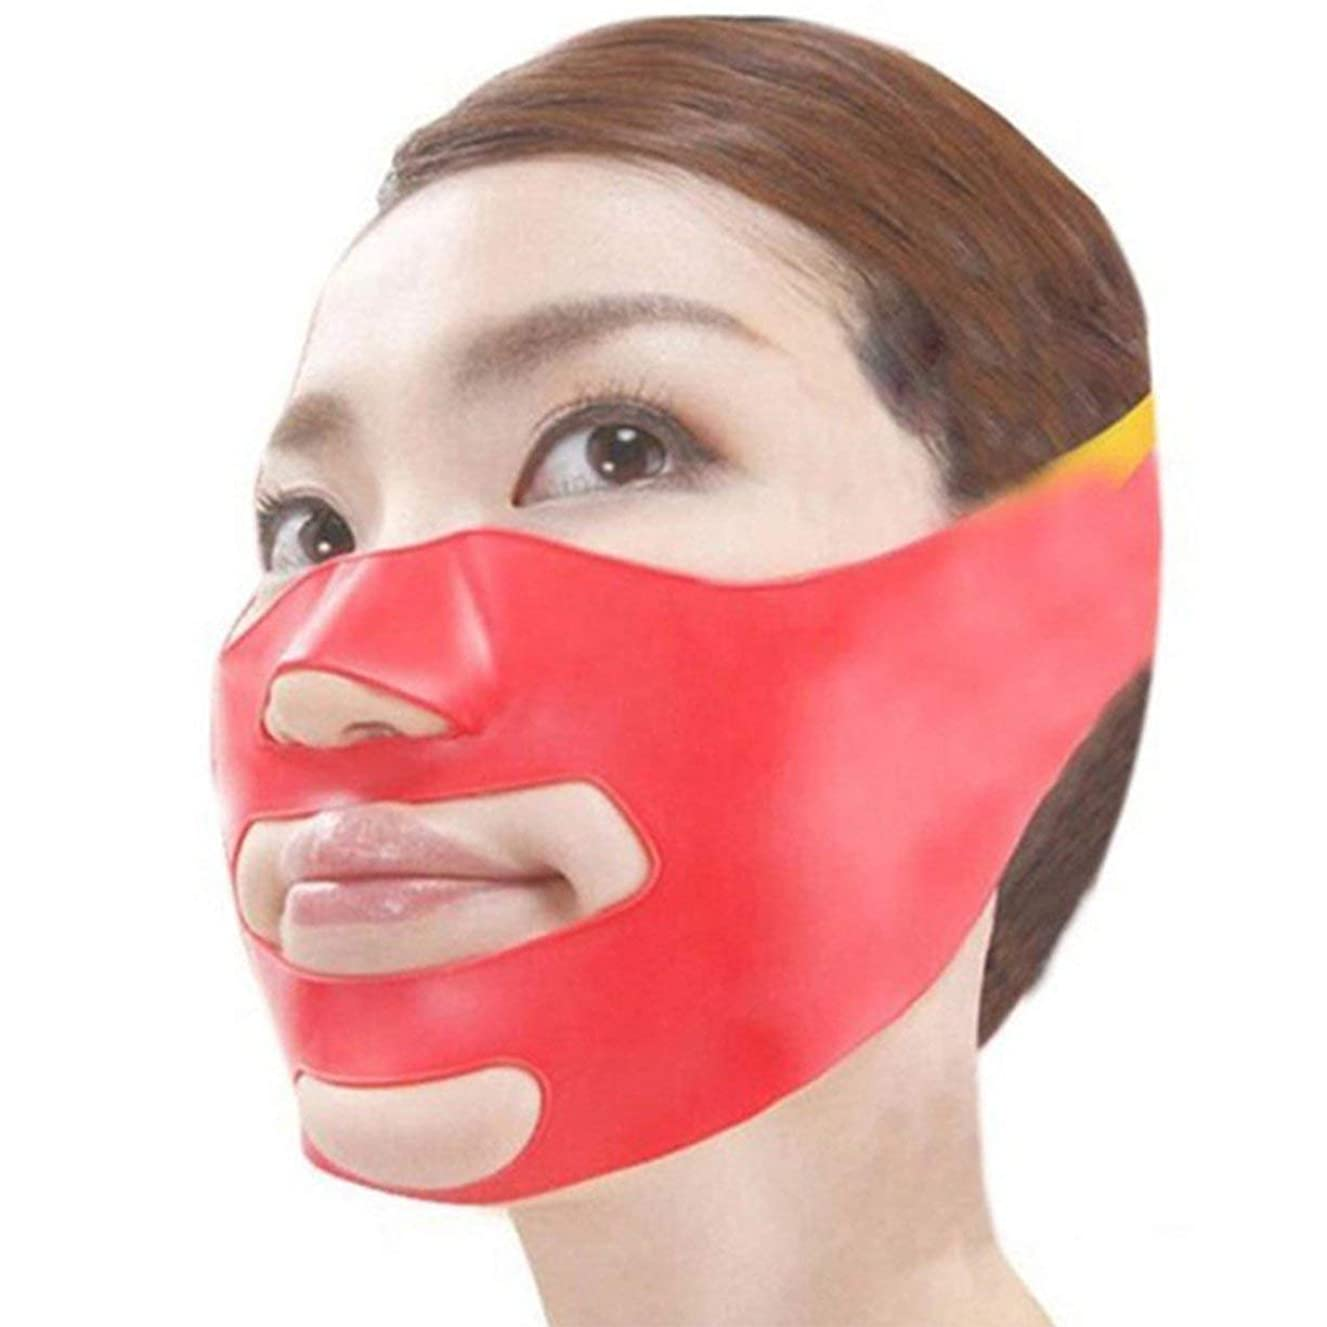 商品売り手保護するシリコンフェイススリミングマスクフェイスあごリフトバンドスキンケアリフティングラップVシェイプダブルチン引き締めベルト - レッド